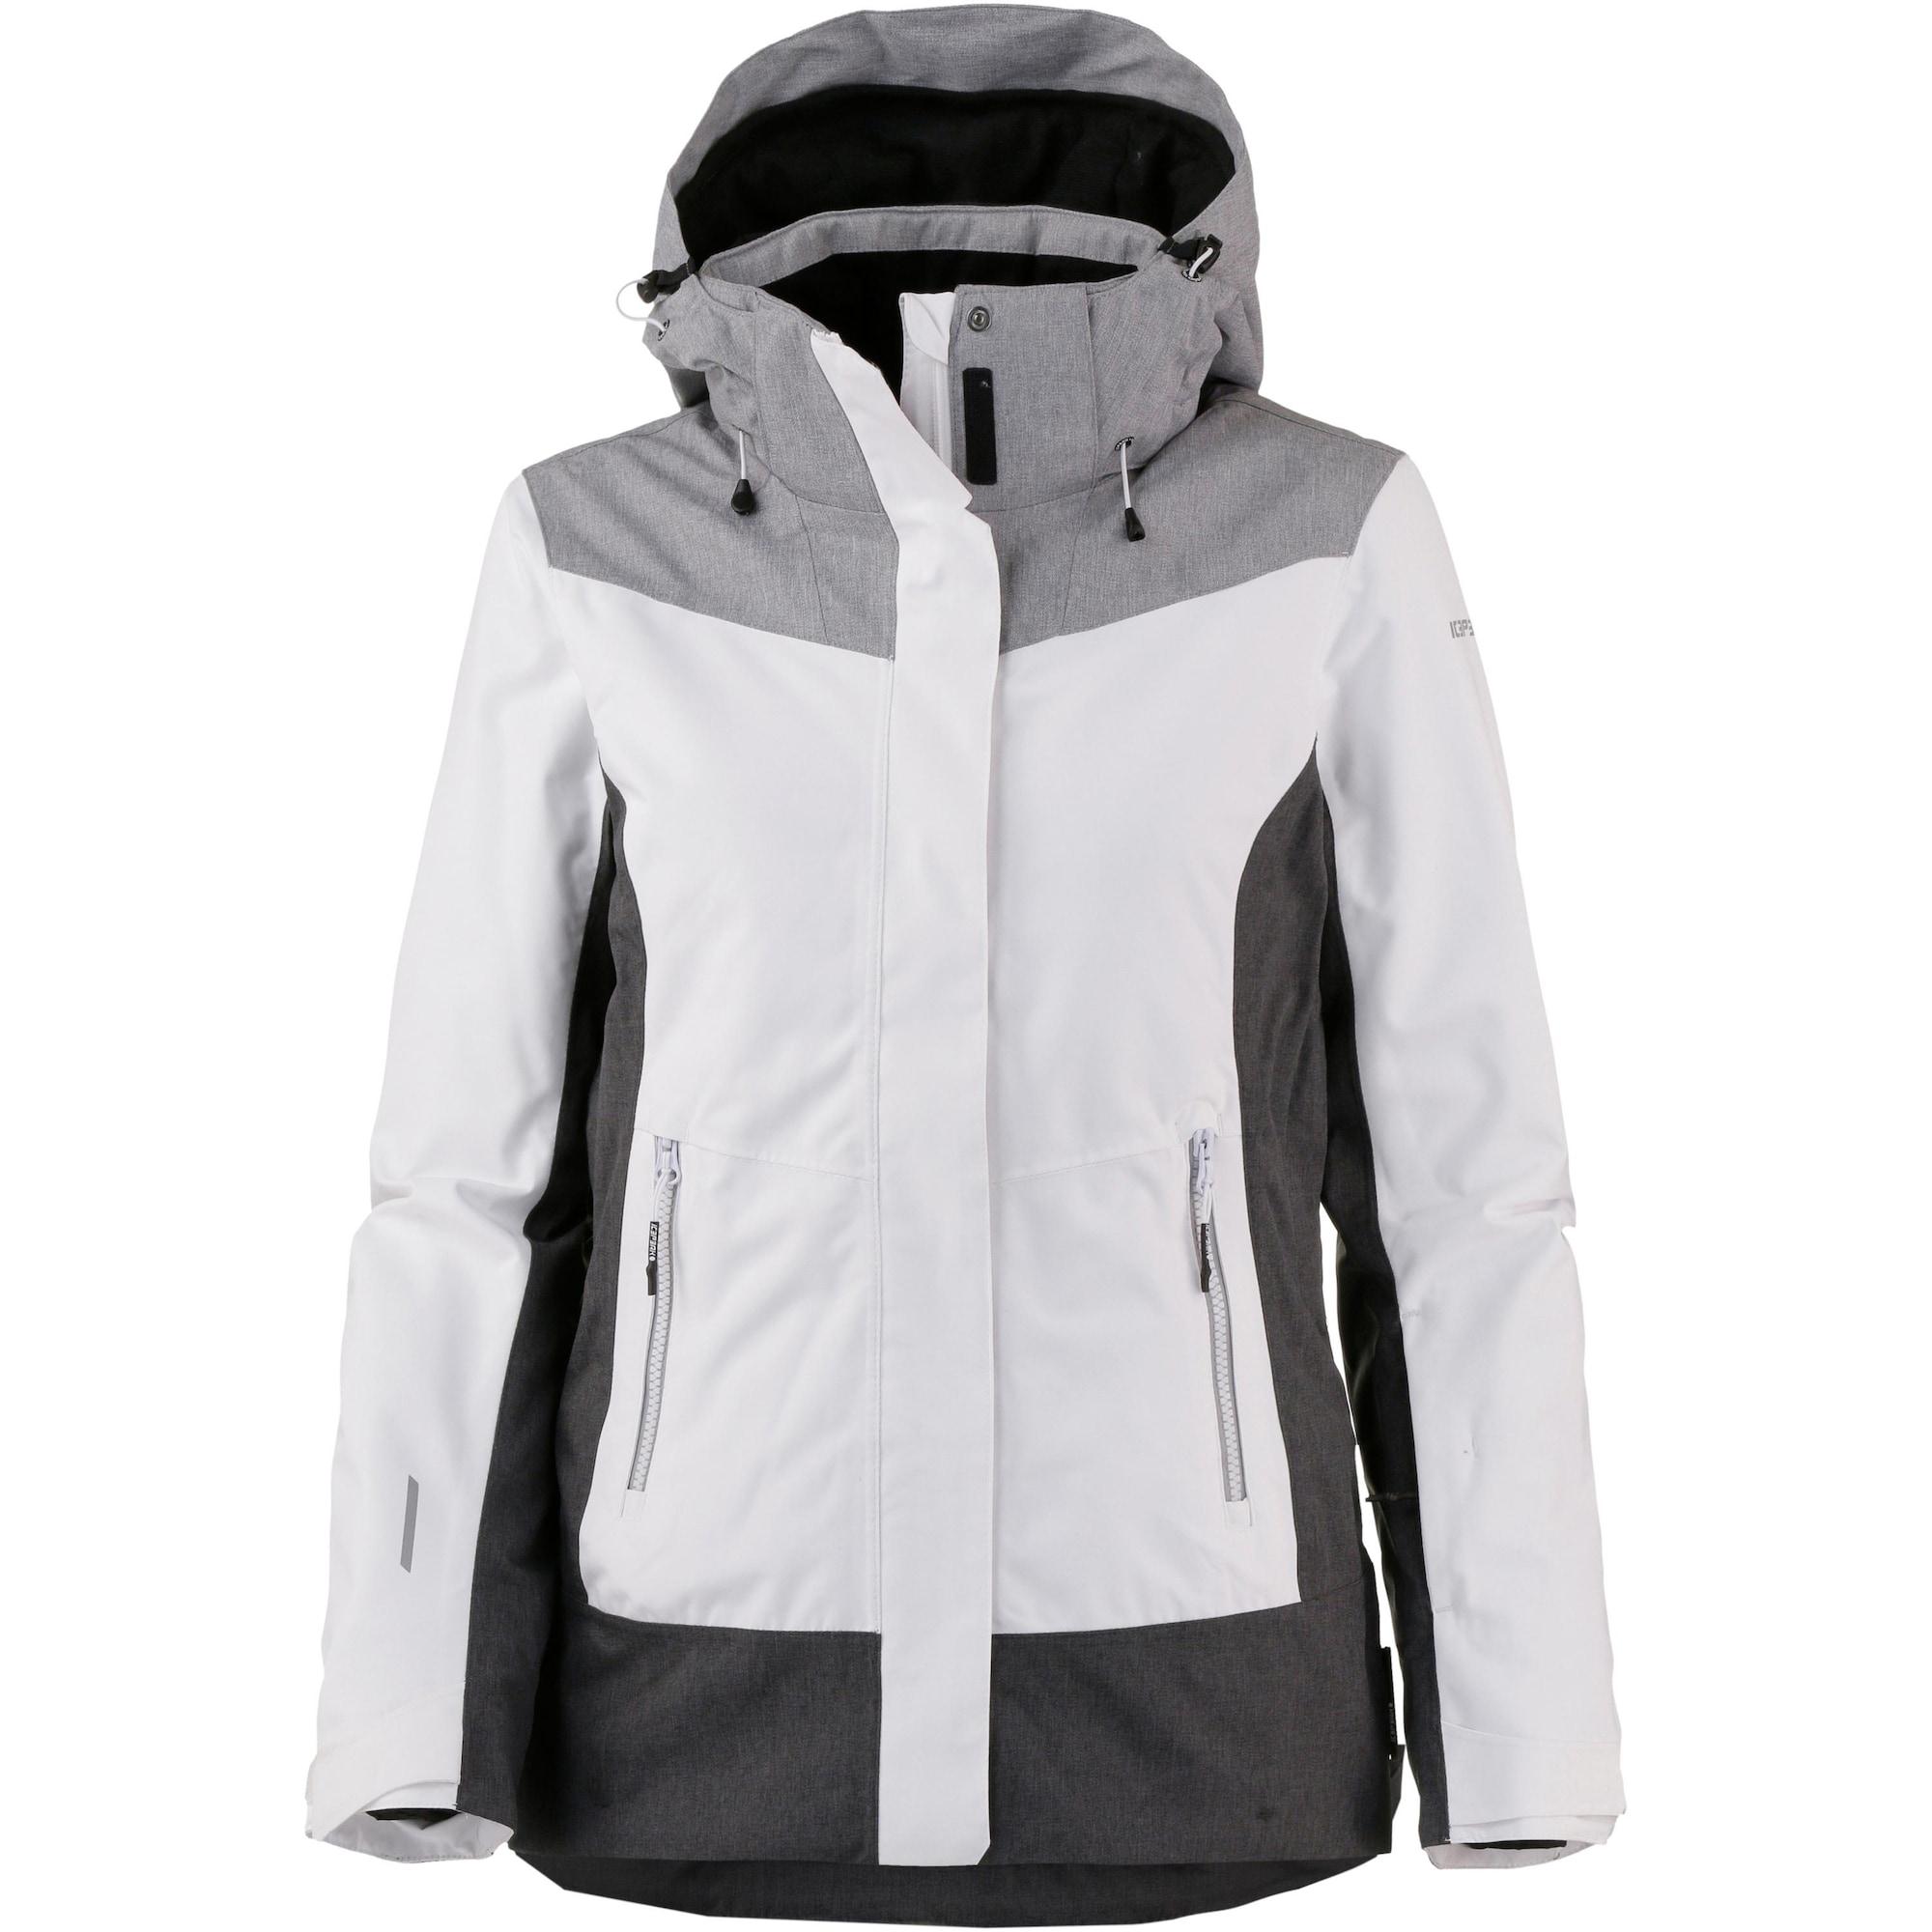 Outdoorová bunda Katia šedá tmavě šedá černá bílá ICEPEAK